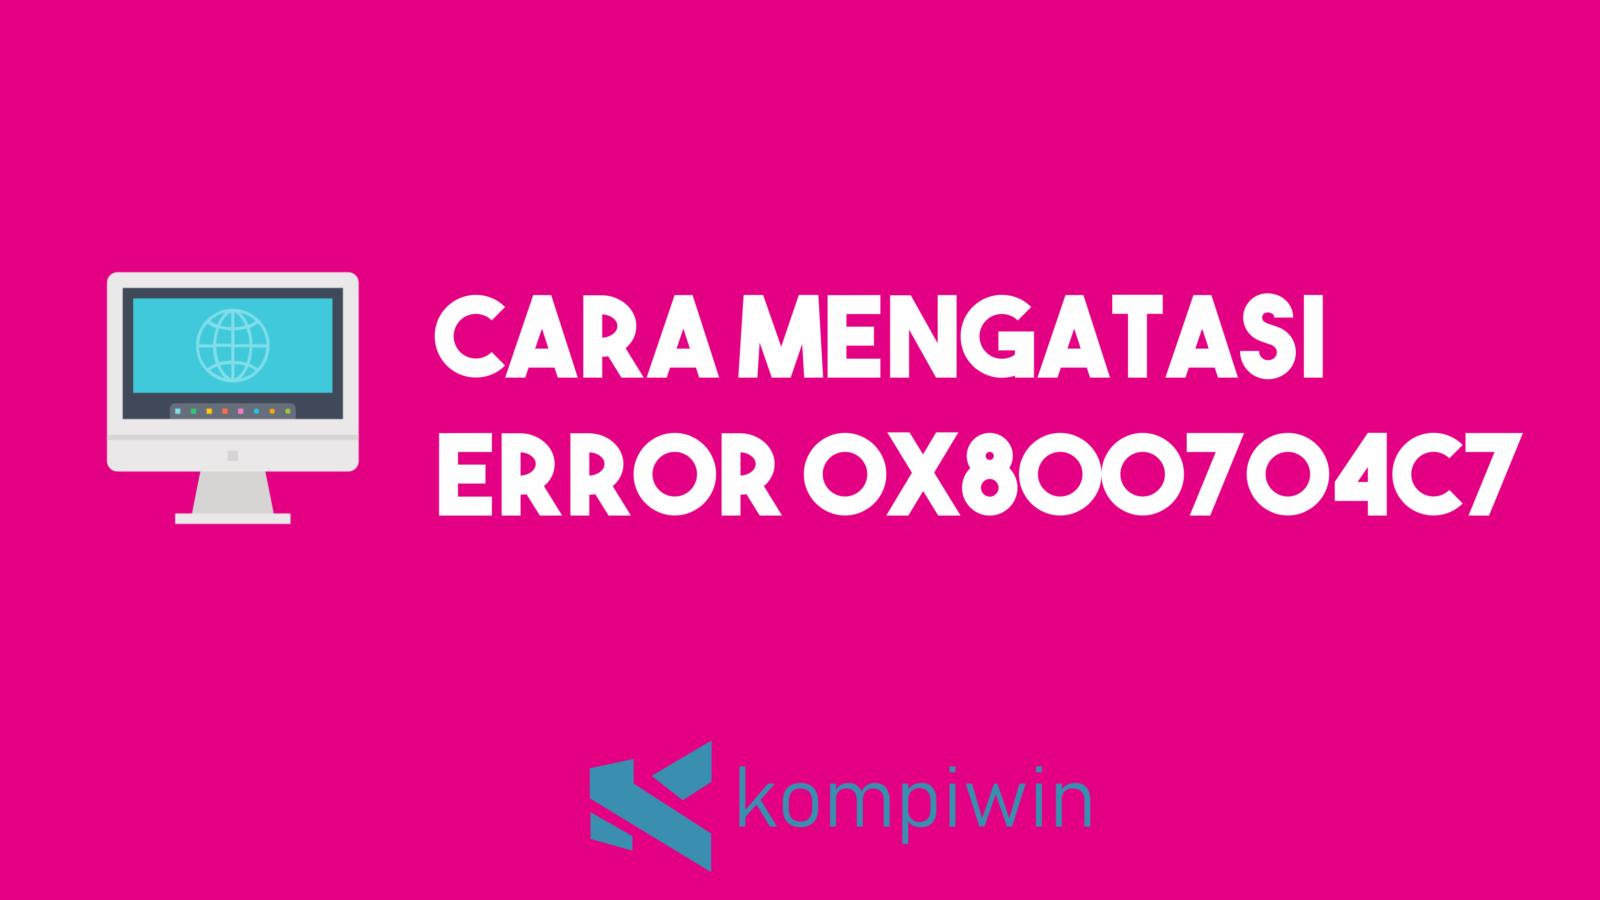 Cara Mengatasi Error 0x800704c7 7